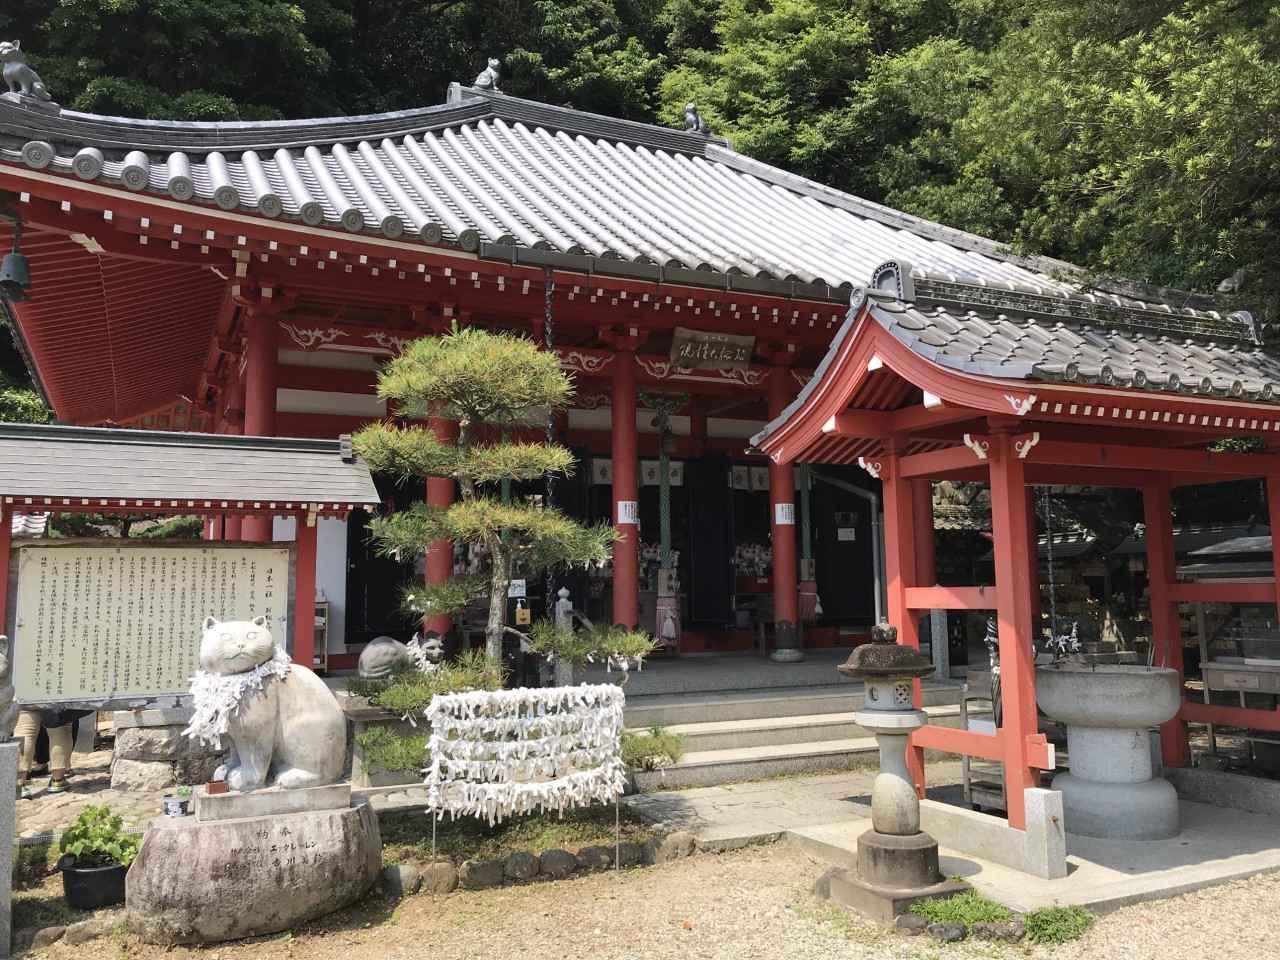 画像5: もう1歩先へ、徳島の魅力を再発見する旅